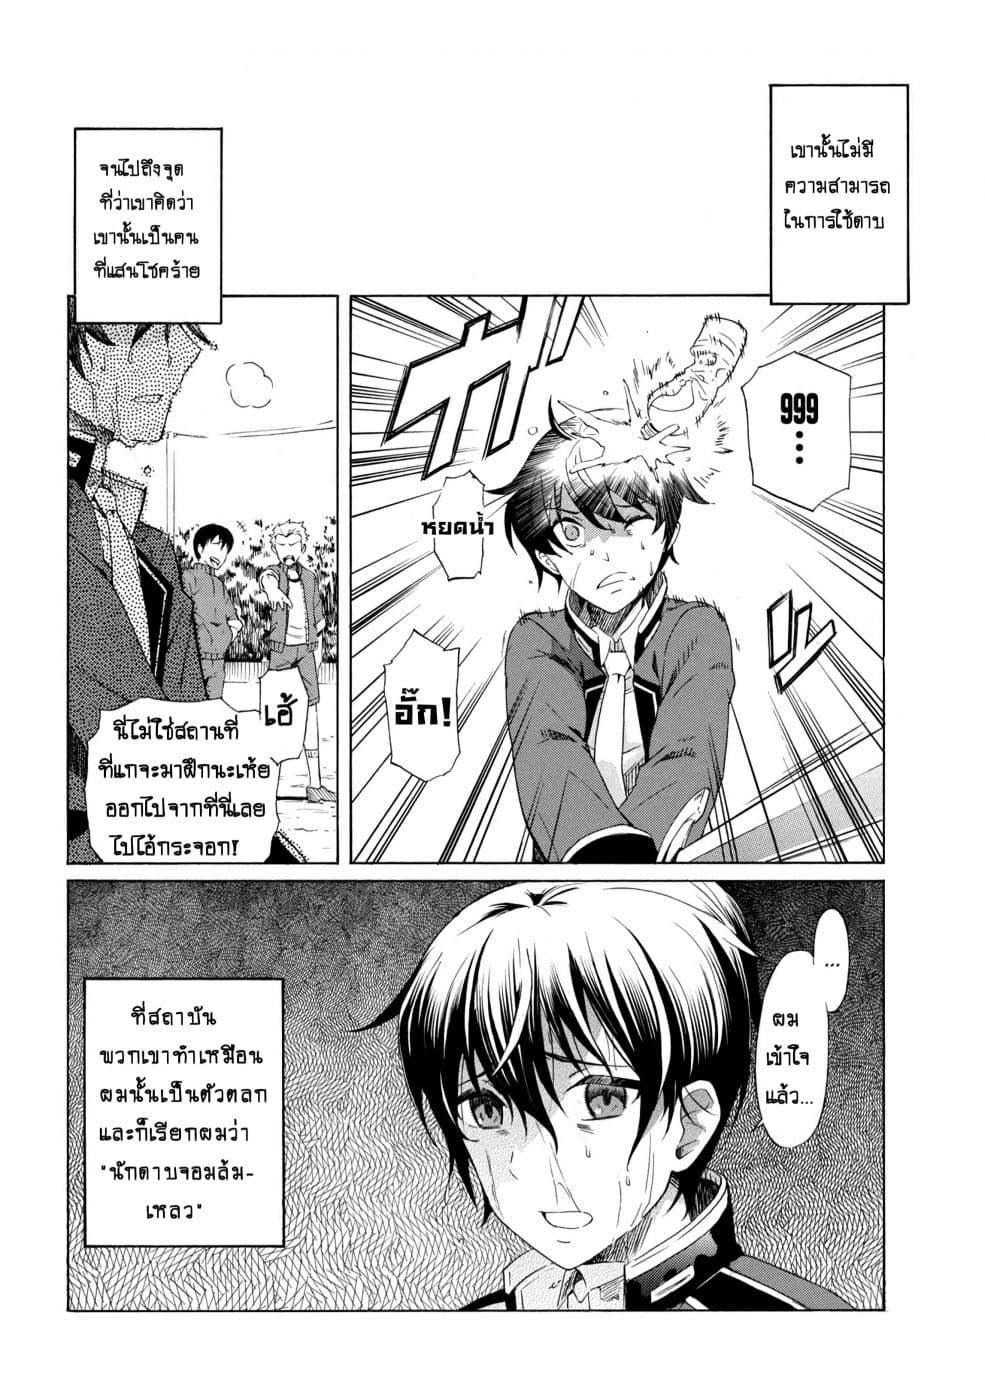 อ่านการ์ตูน Ichioku-nen Button o Renda Shita Ore wa Kizuitara Saikyou ni Natteita ตอนที่ 1.1 หน้าที่ 5